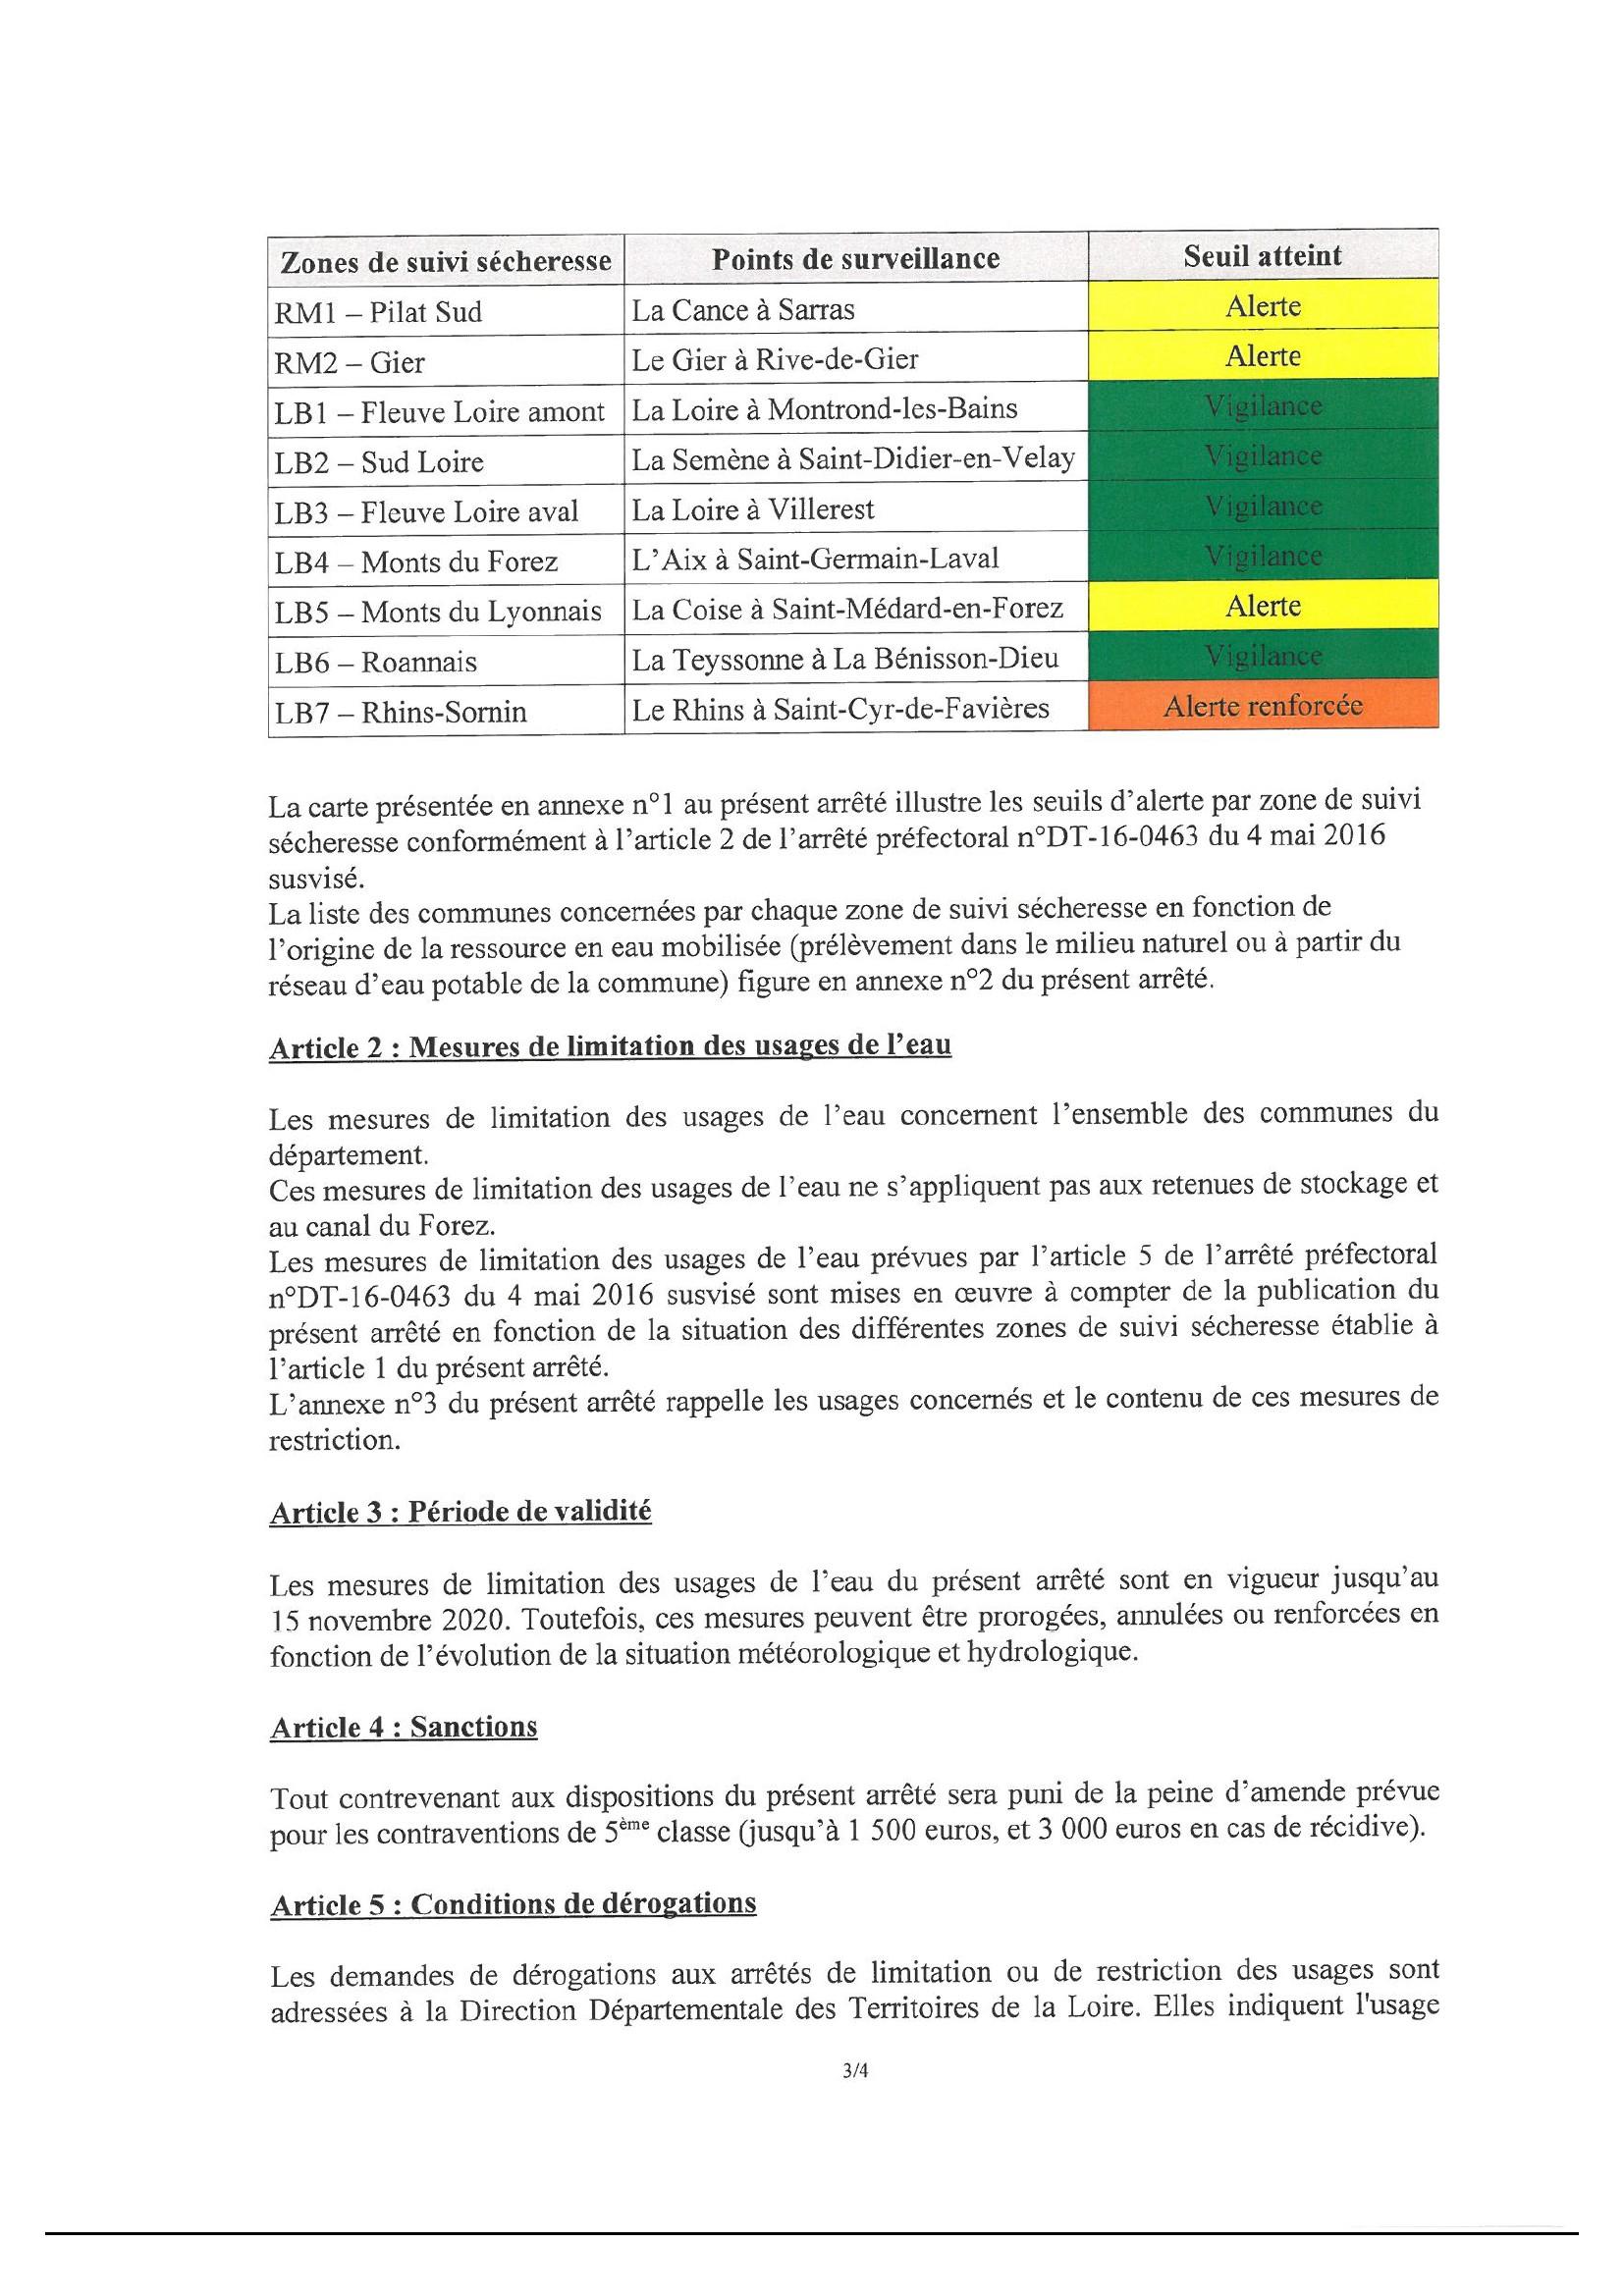 arrêté préfectoral sécheresse - 3